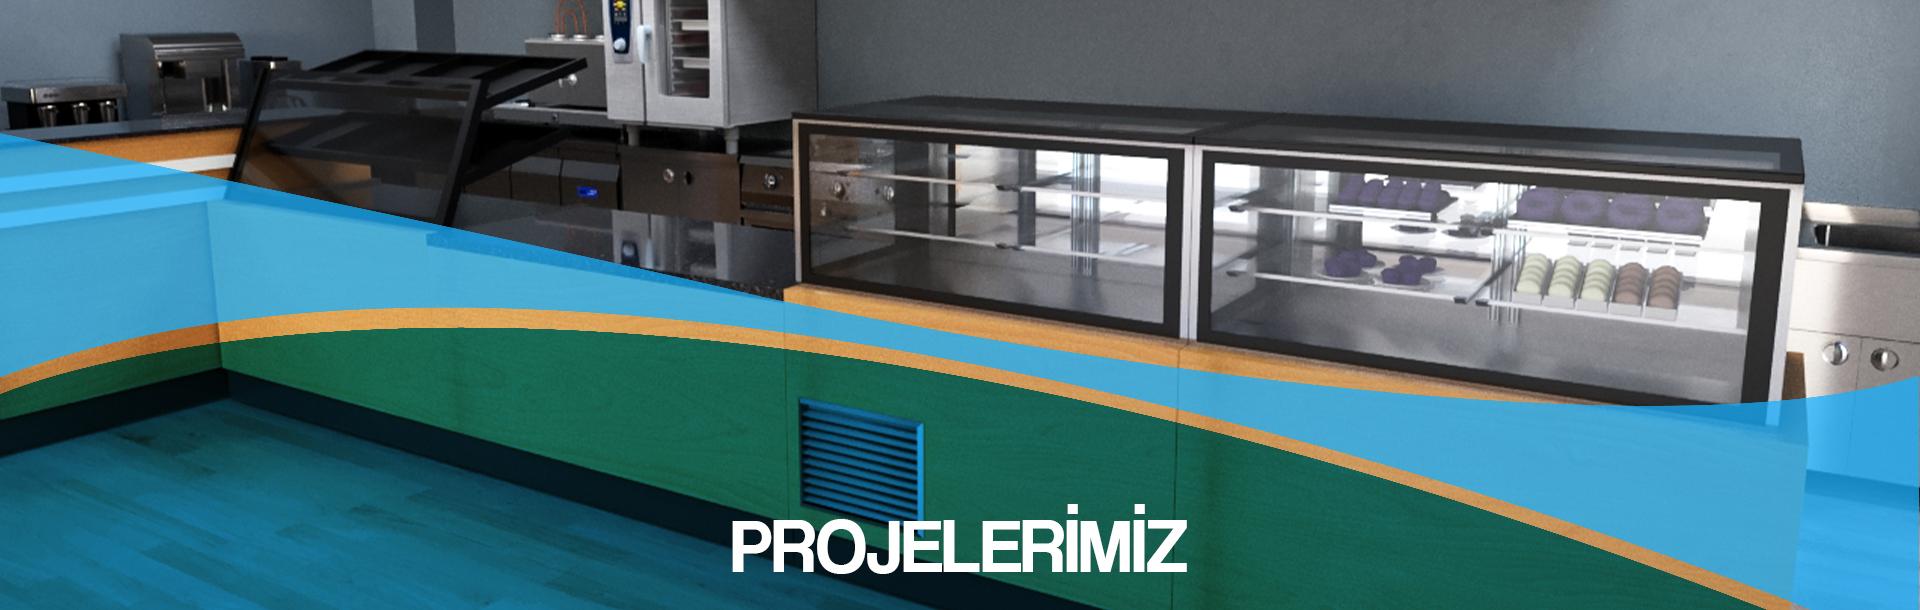 04-Projelerimiz